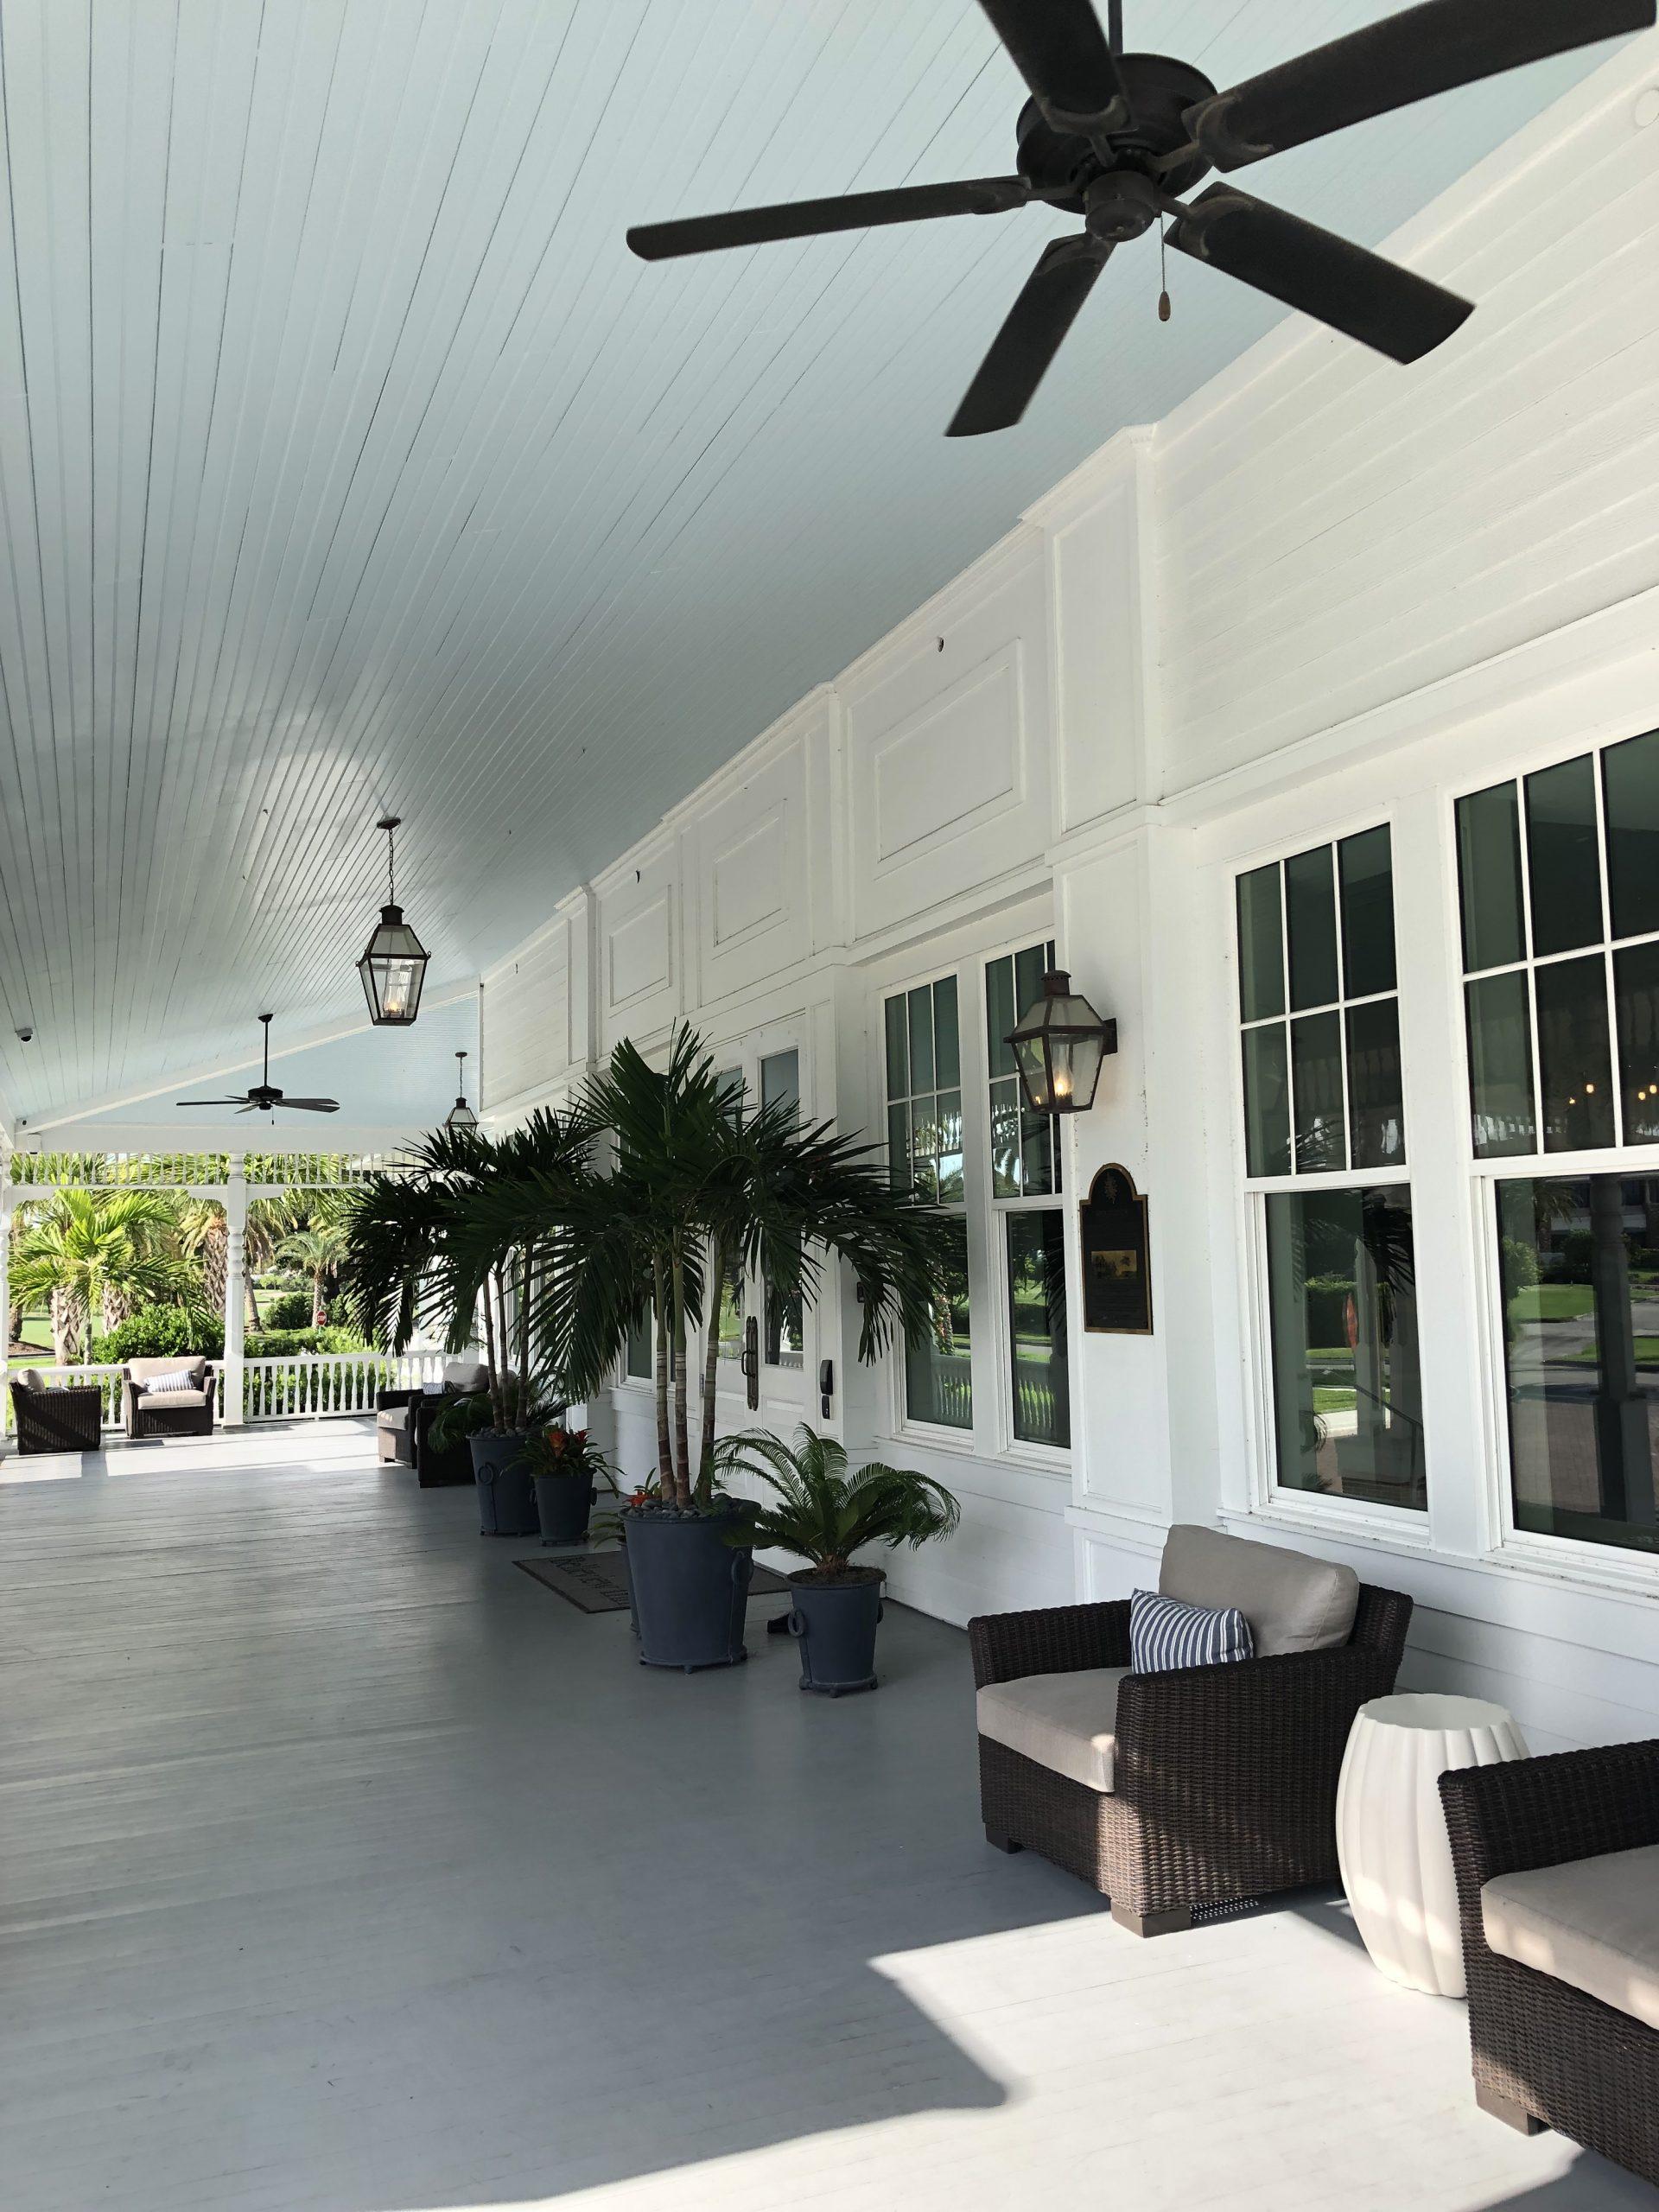 Belleview Inn porch